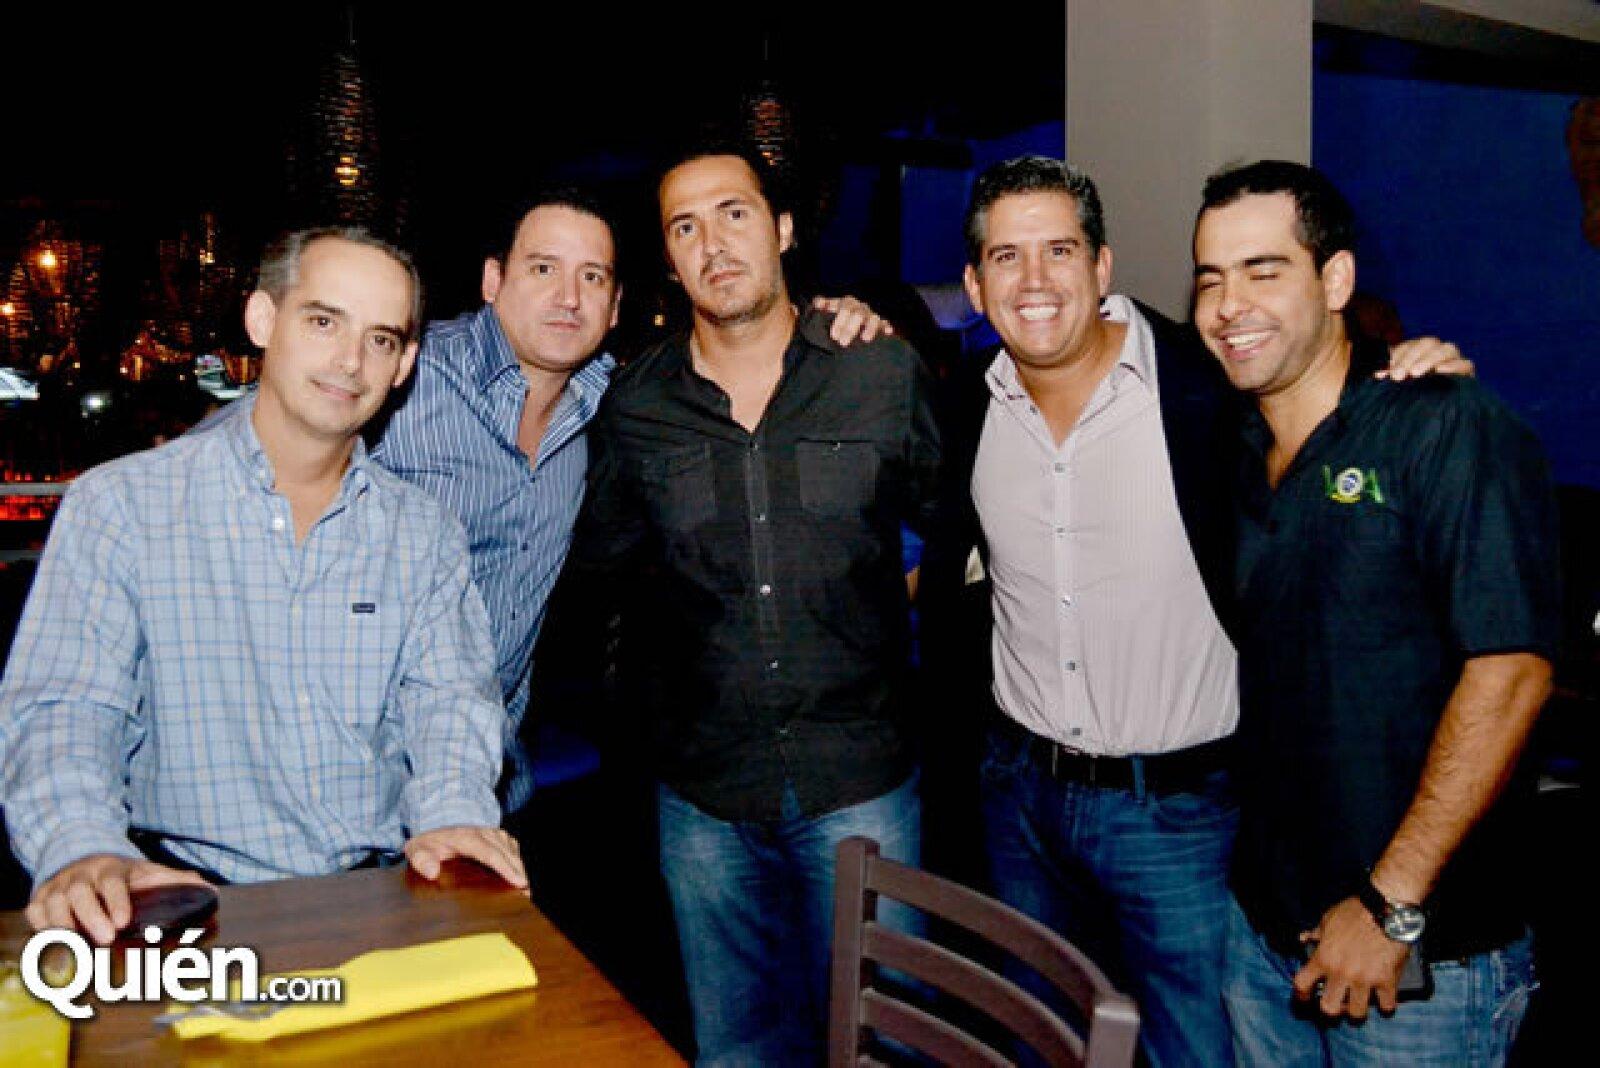 Federico Elizondo, Mauricio Jaime, Carlos Gallegos, Gerardo Alarcón y Azael Olivier